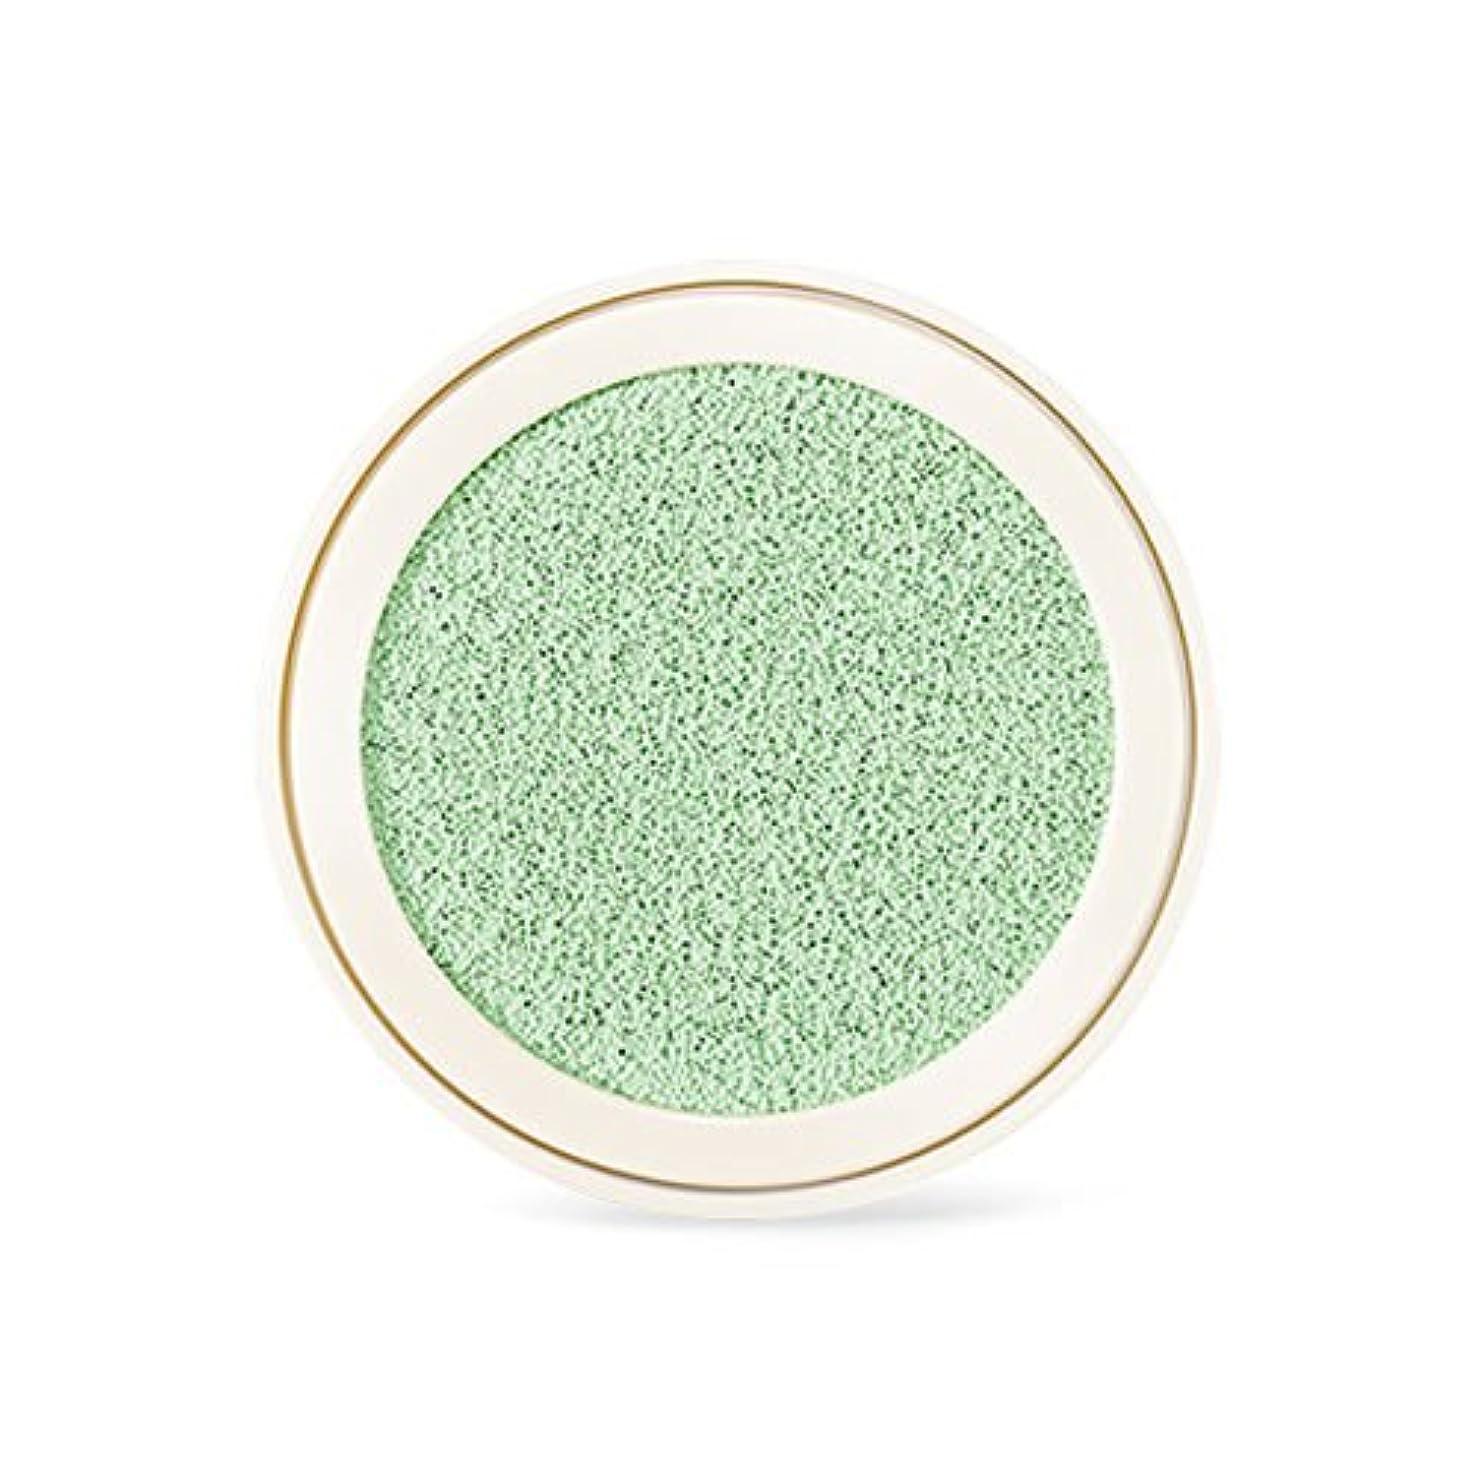 最大限ぞっとするようなセンブランスinnisfree [My Cushion] No-sebum Correcting Cushion (Refill) 14g/イニスフリー [マイクッション] ノーシーバム コレクティング クッション (リフィル) 14g (#3 Vanilla Green) [並行輸入品]